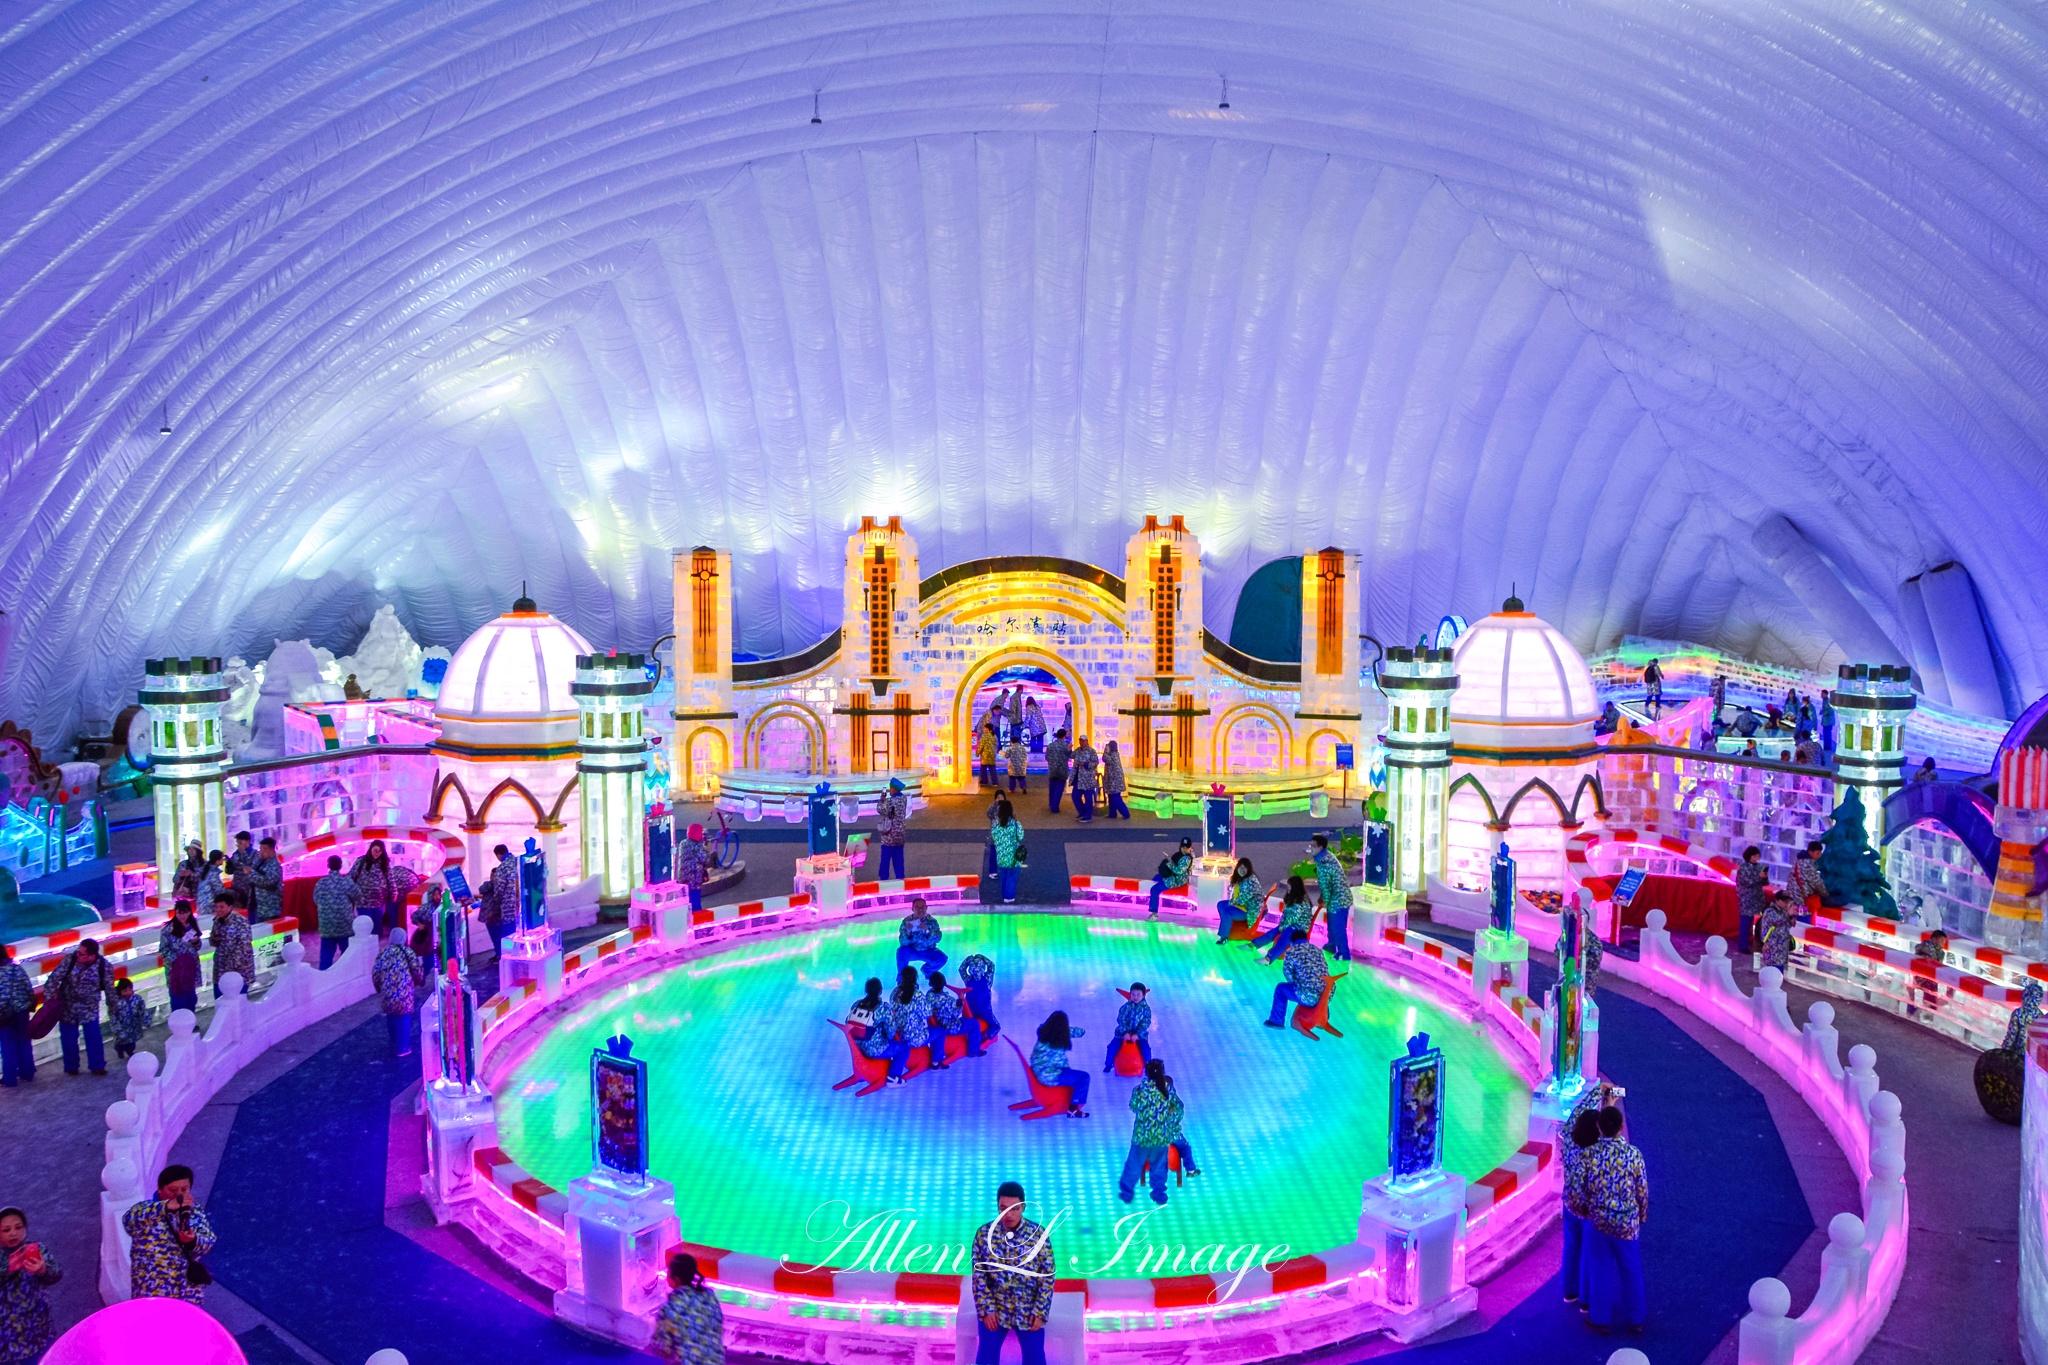 每到夏天,游客可以在室内体验冰雪天地,同样乐趣十足图片